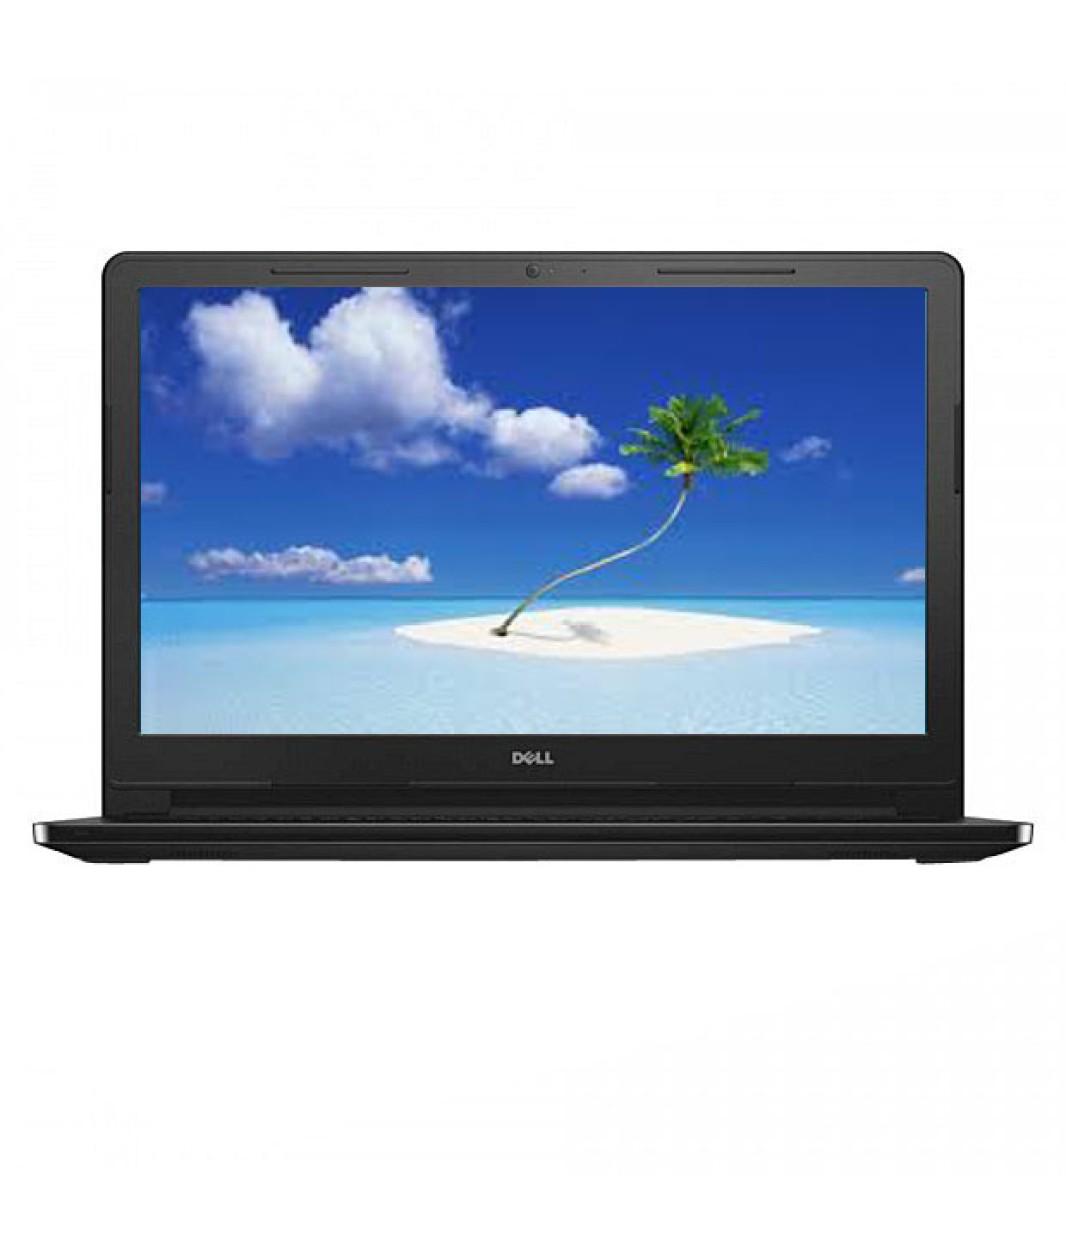 Dell Vostro Core i3 5th Gen - (4 GB/1 TB HDD/Windows 10 Pro) 3558 Notebook(15.6 inch)